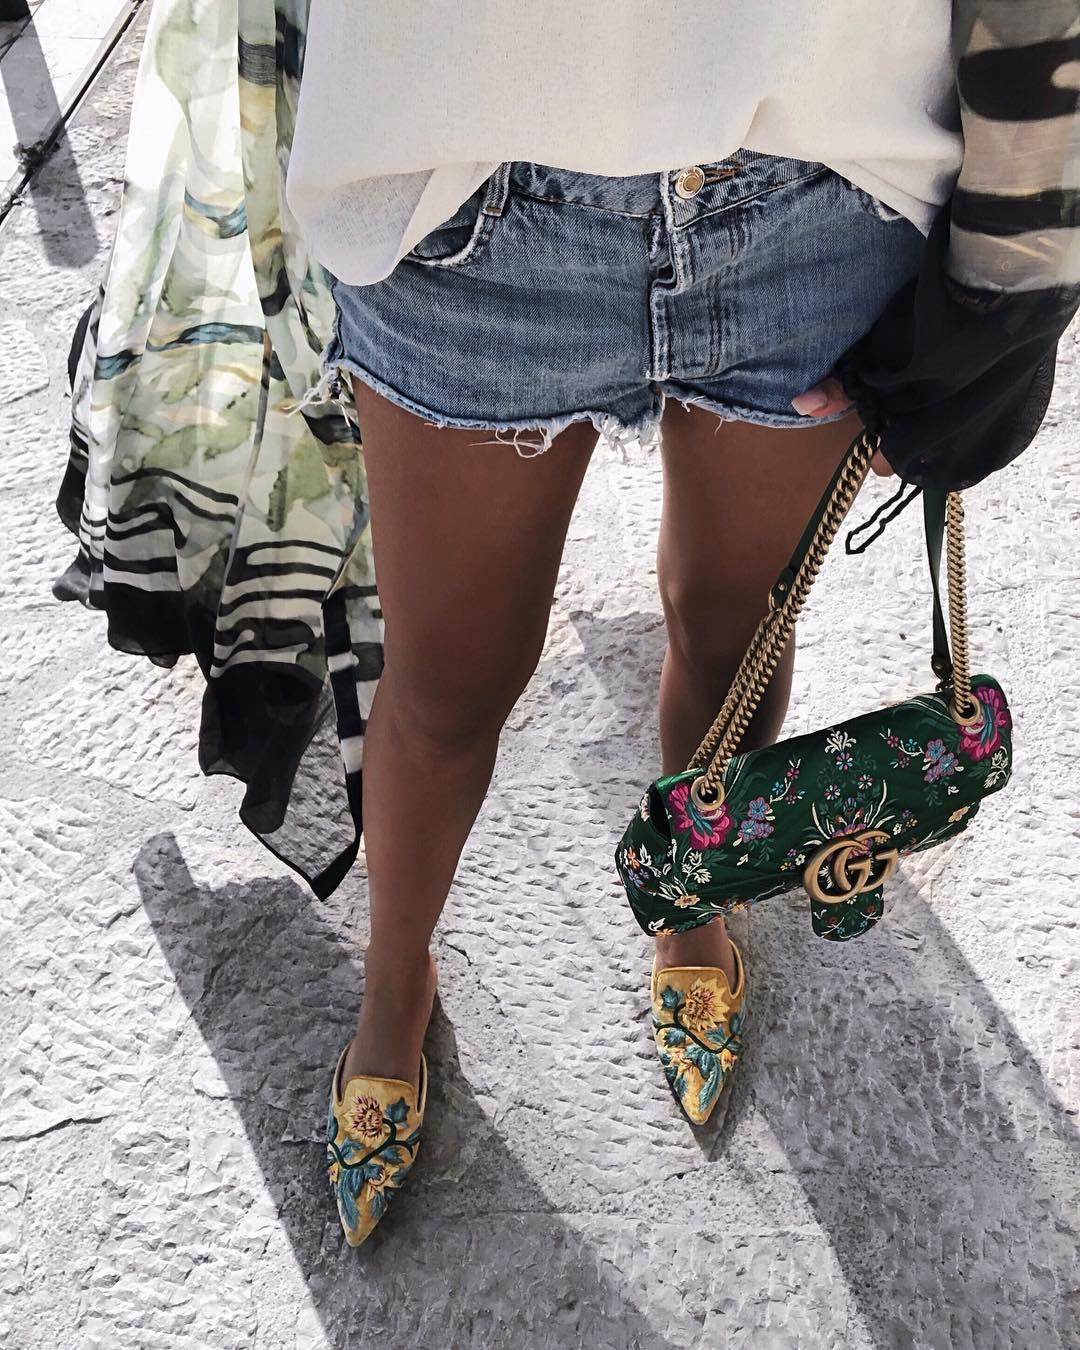 модная обмодная обувь лето 2019 тенденции фото 2увь лето 2019 тенденции фото 1